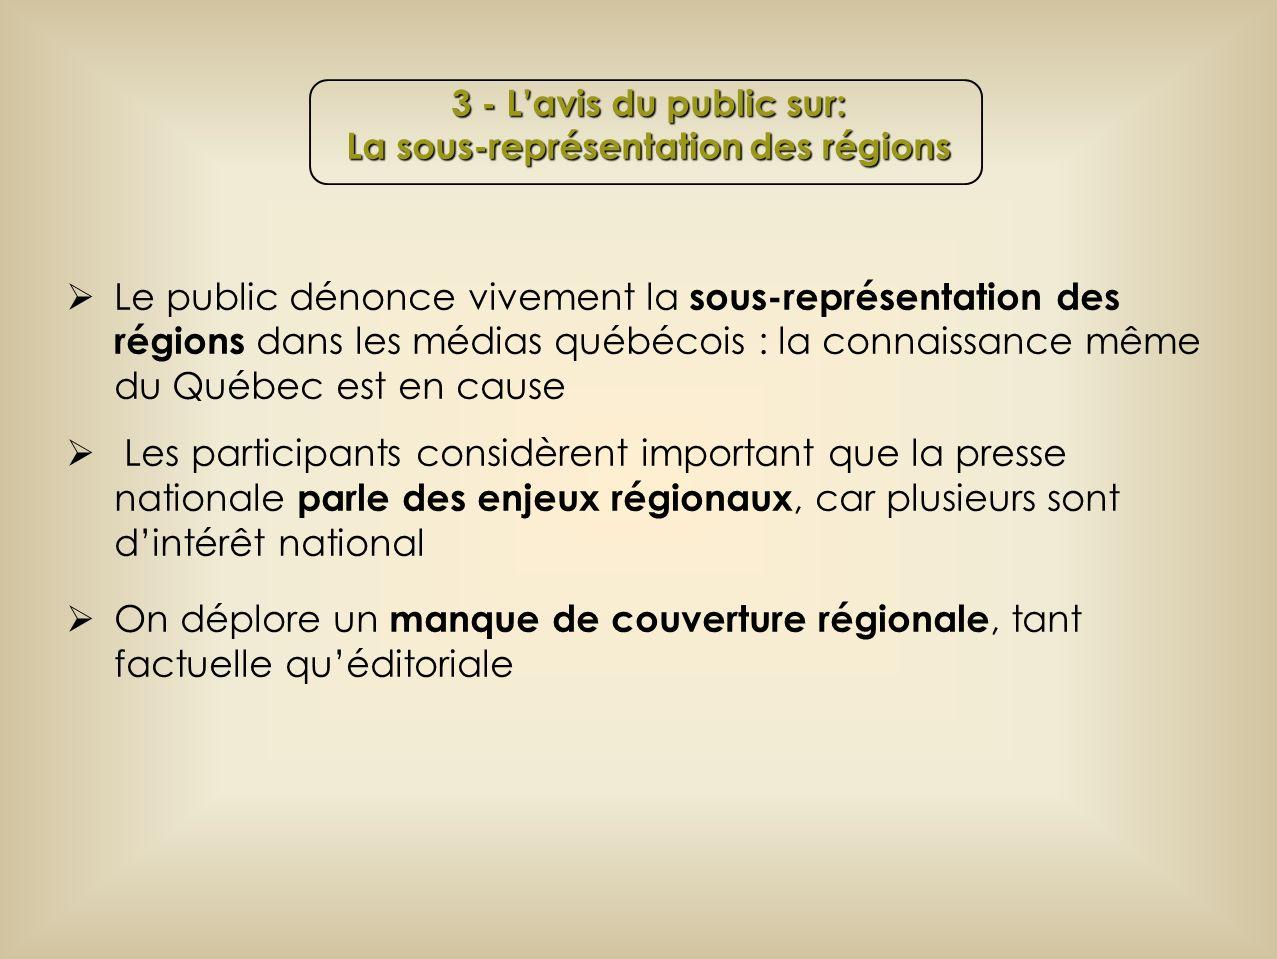 Le public dénonce vivement la sous-représentation des régions dans les médias québécois : la connaissance même du Québec est en cause Les participants considèrent important que la presse nationale parle des enjeux régionaux, car plusieurs sont dintérêt national On déplore un manque de couverture régionale, tant factuelle quéditoriale 3 - Lavis du public sur: La sous-représentation des régions